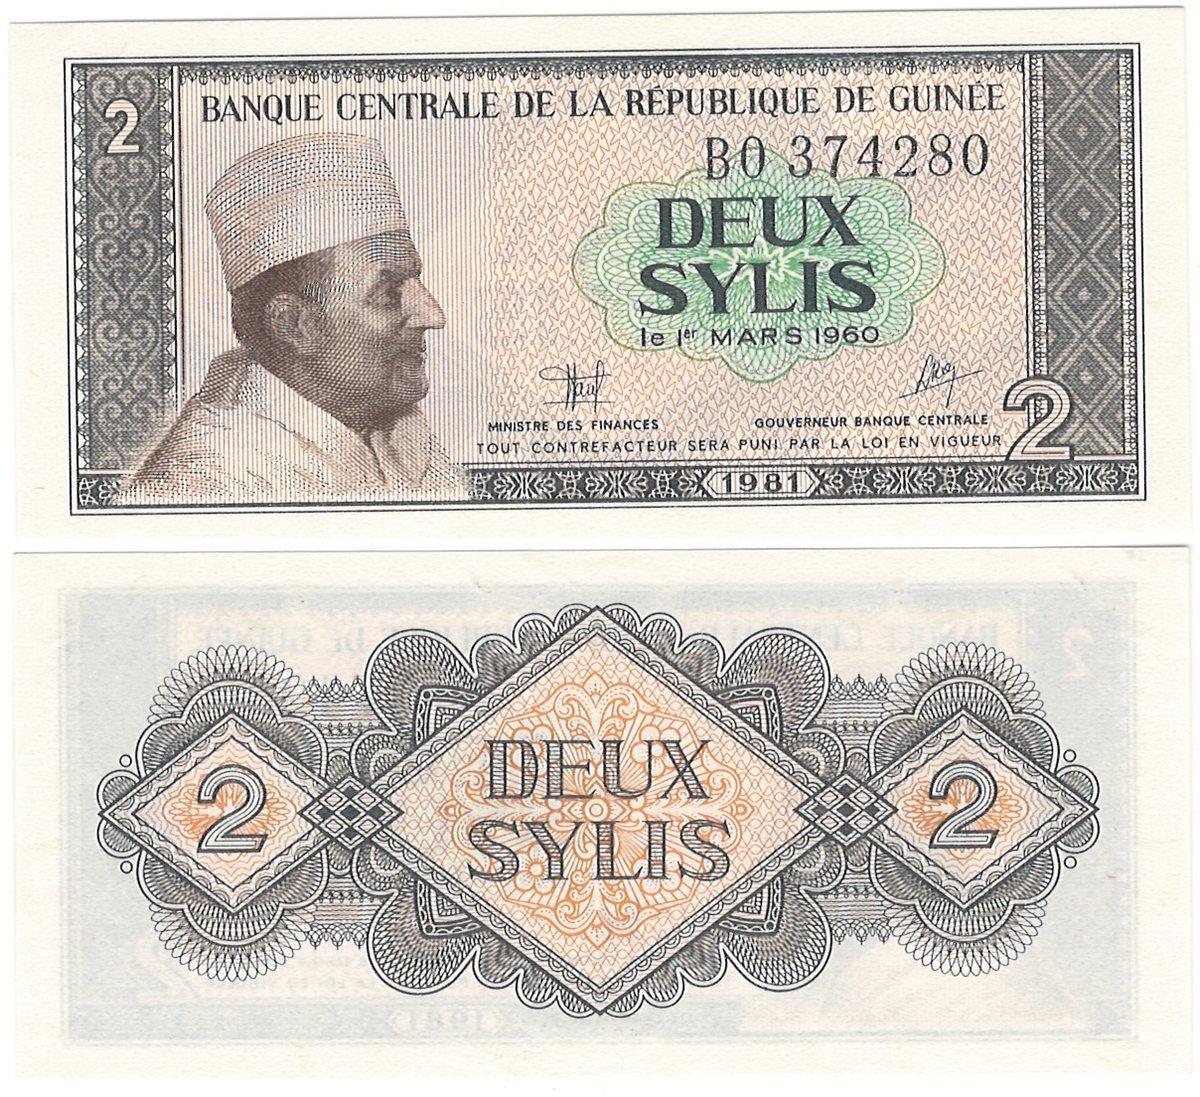 Guinea 2 Sylis UNC 1981 P-21